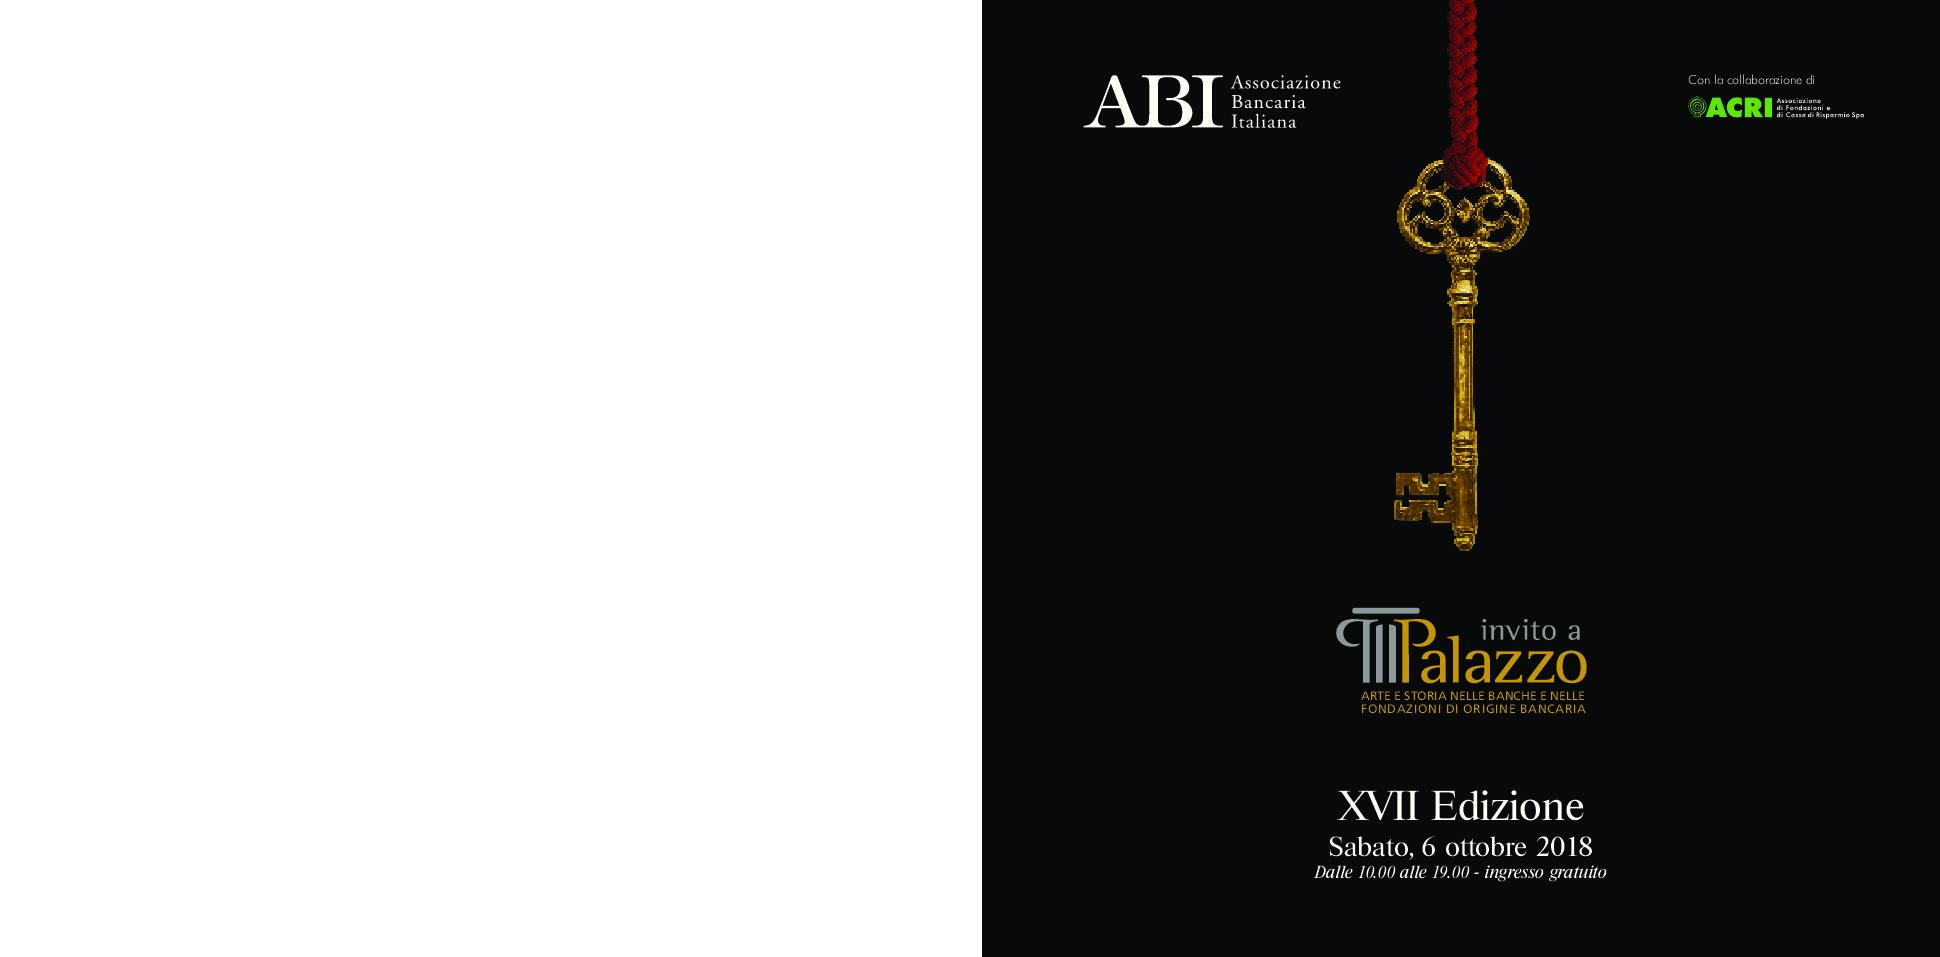 Sabato 6 ottobre, dalle 10 alle 19, visite guidate gratuite nella sede della Fondazione Cassa di Risparmio di Asti per Invito a Palazzo 2018.